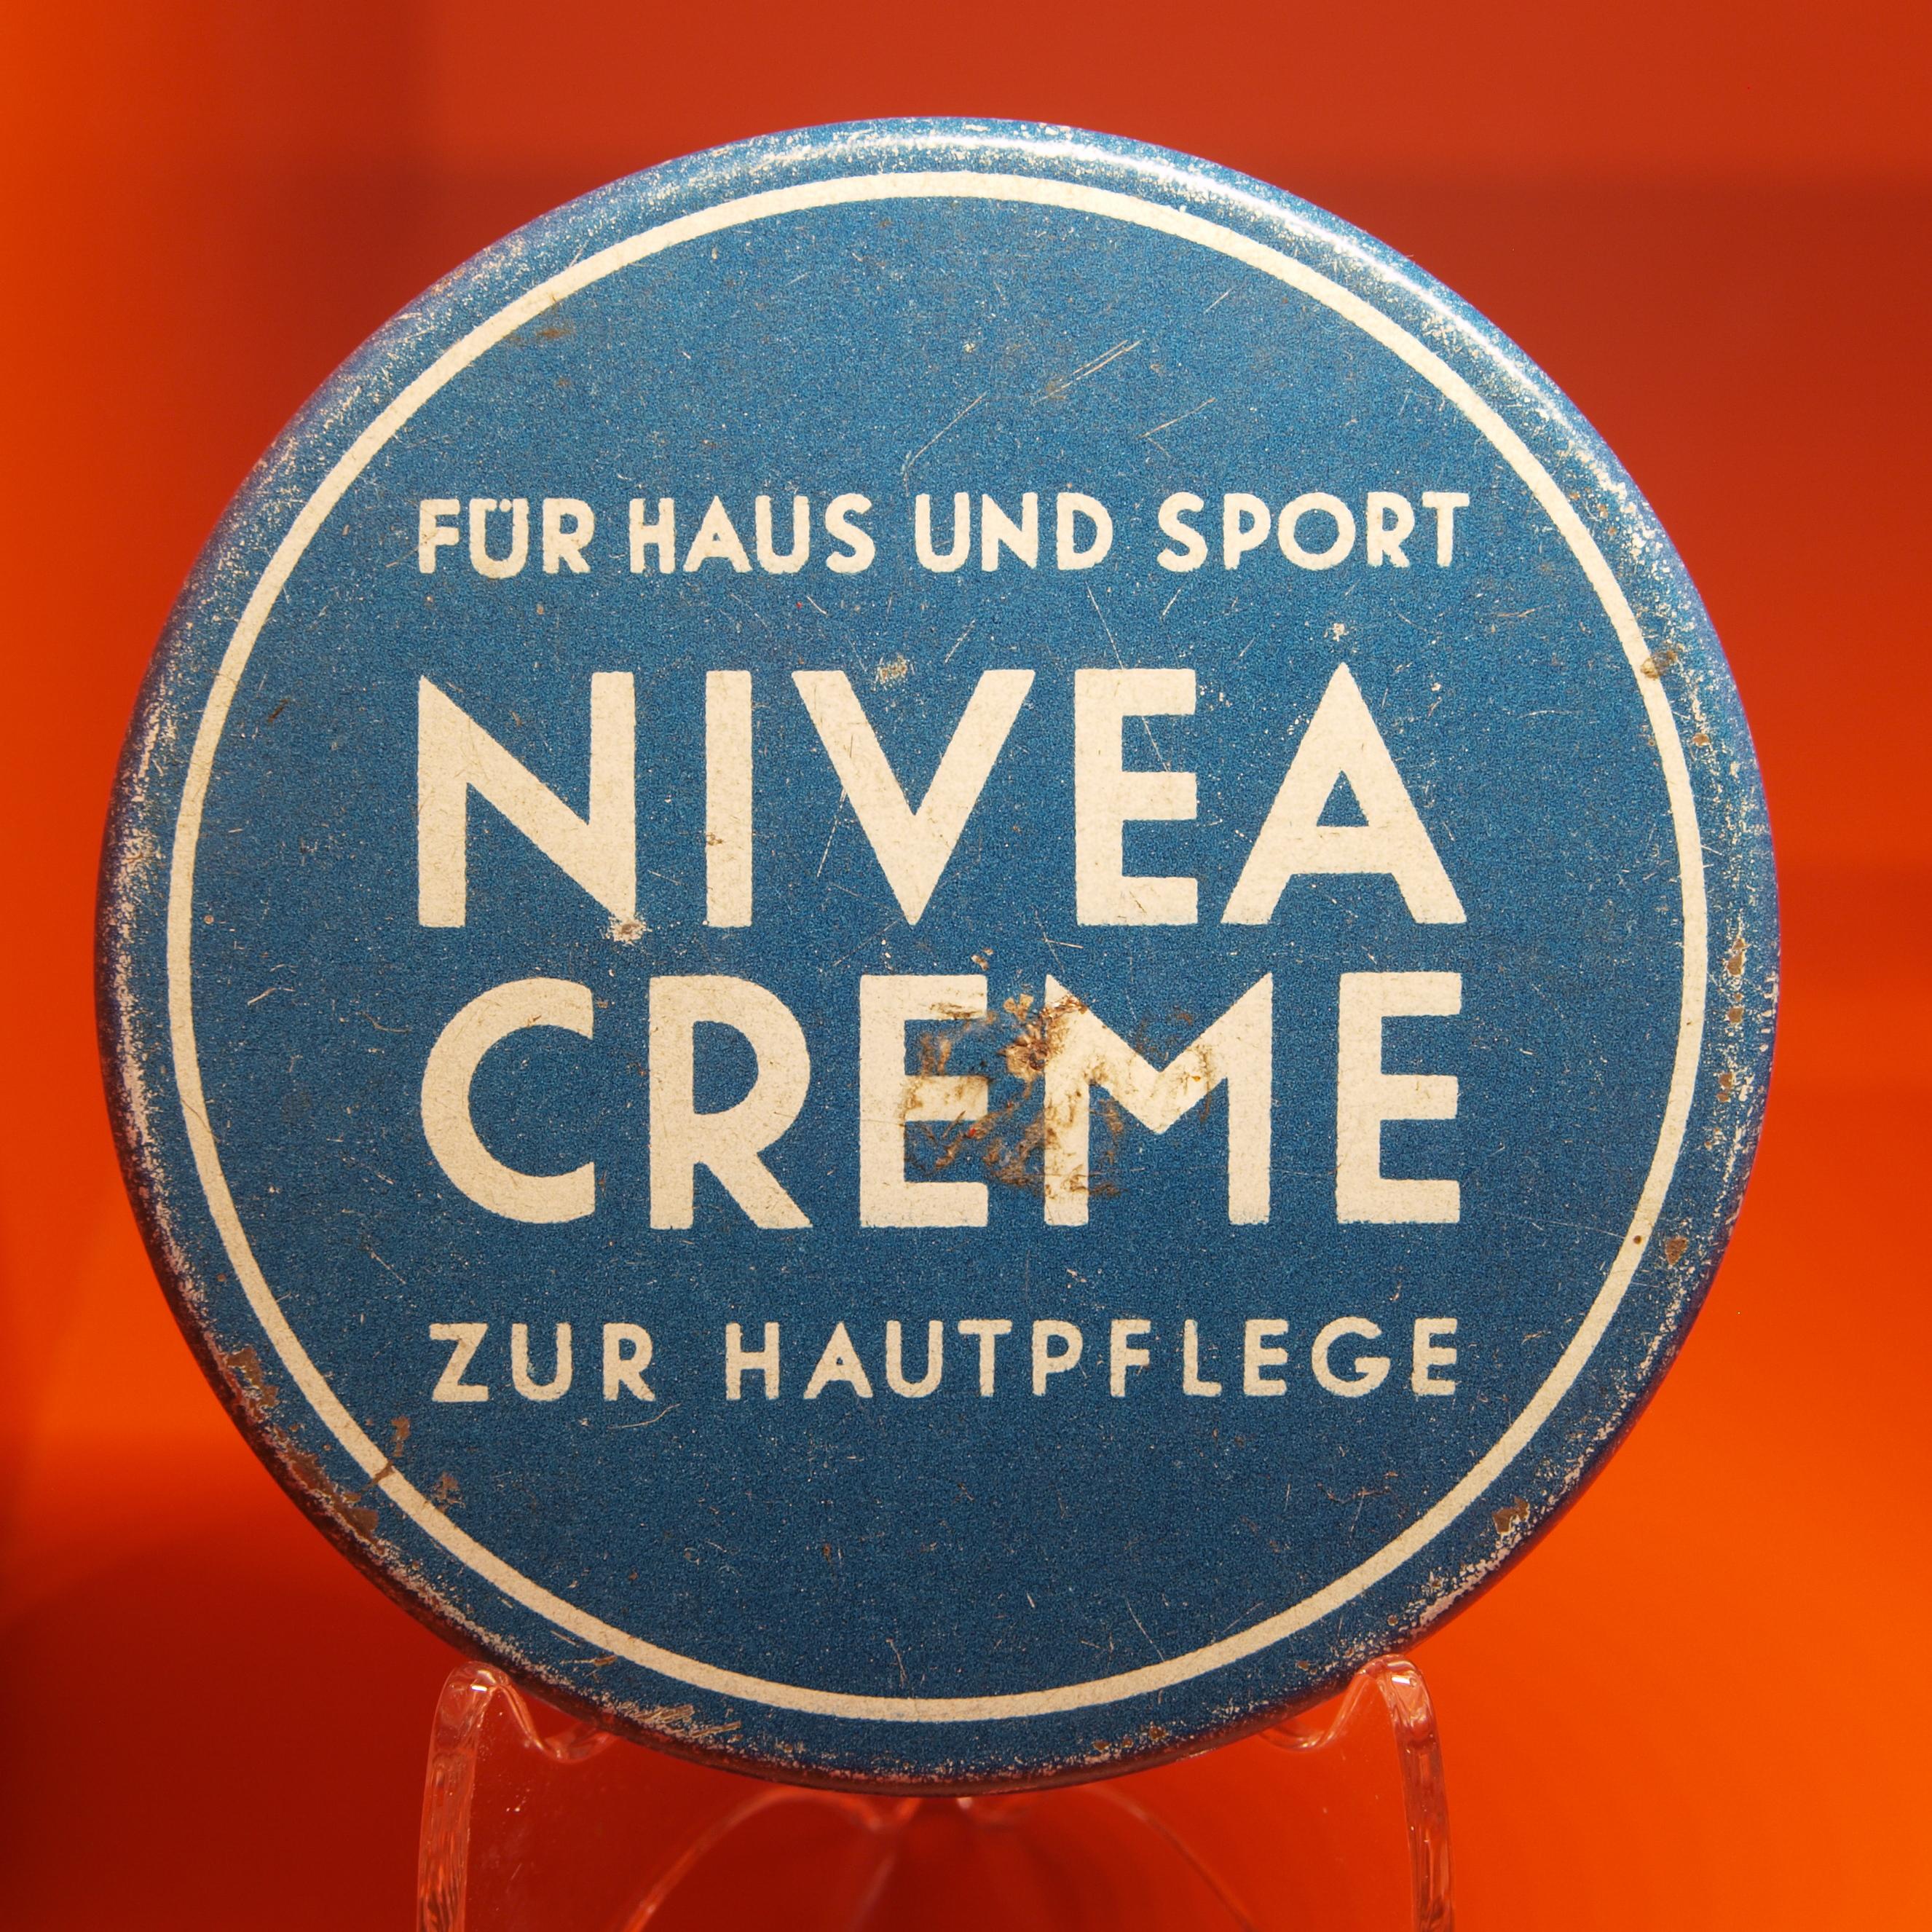 Nivea Haus Mühlenkamp: File:NIVEA CREME Für Haus Und Sport.jpg